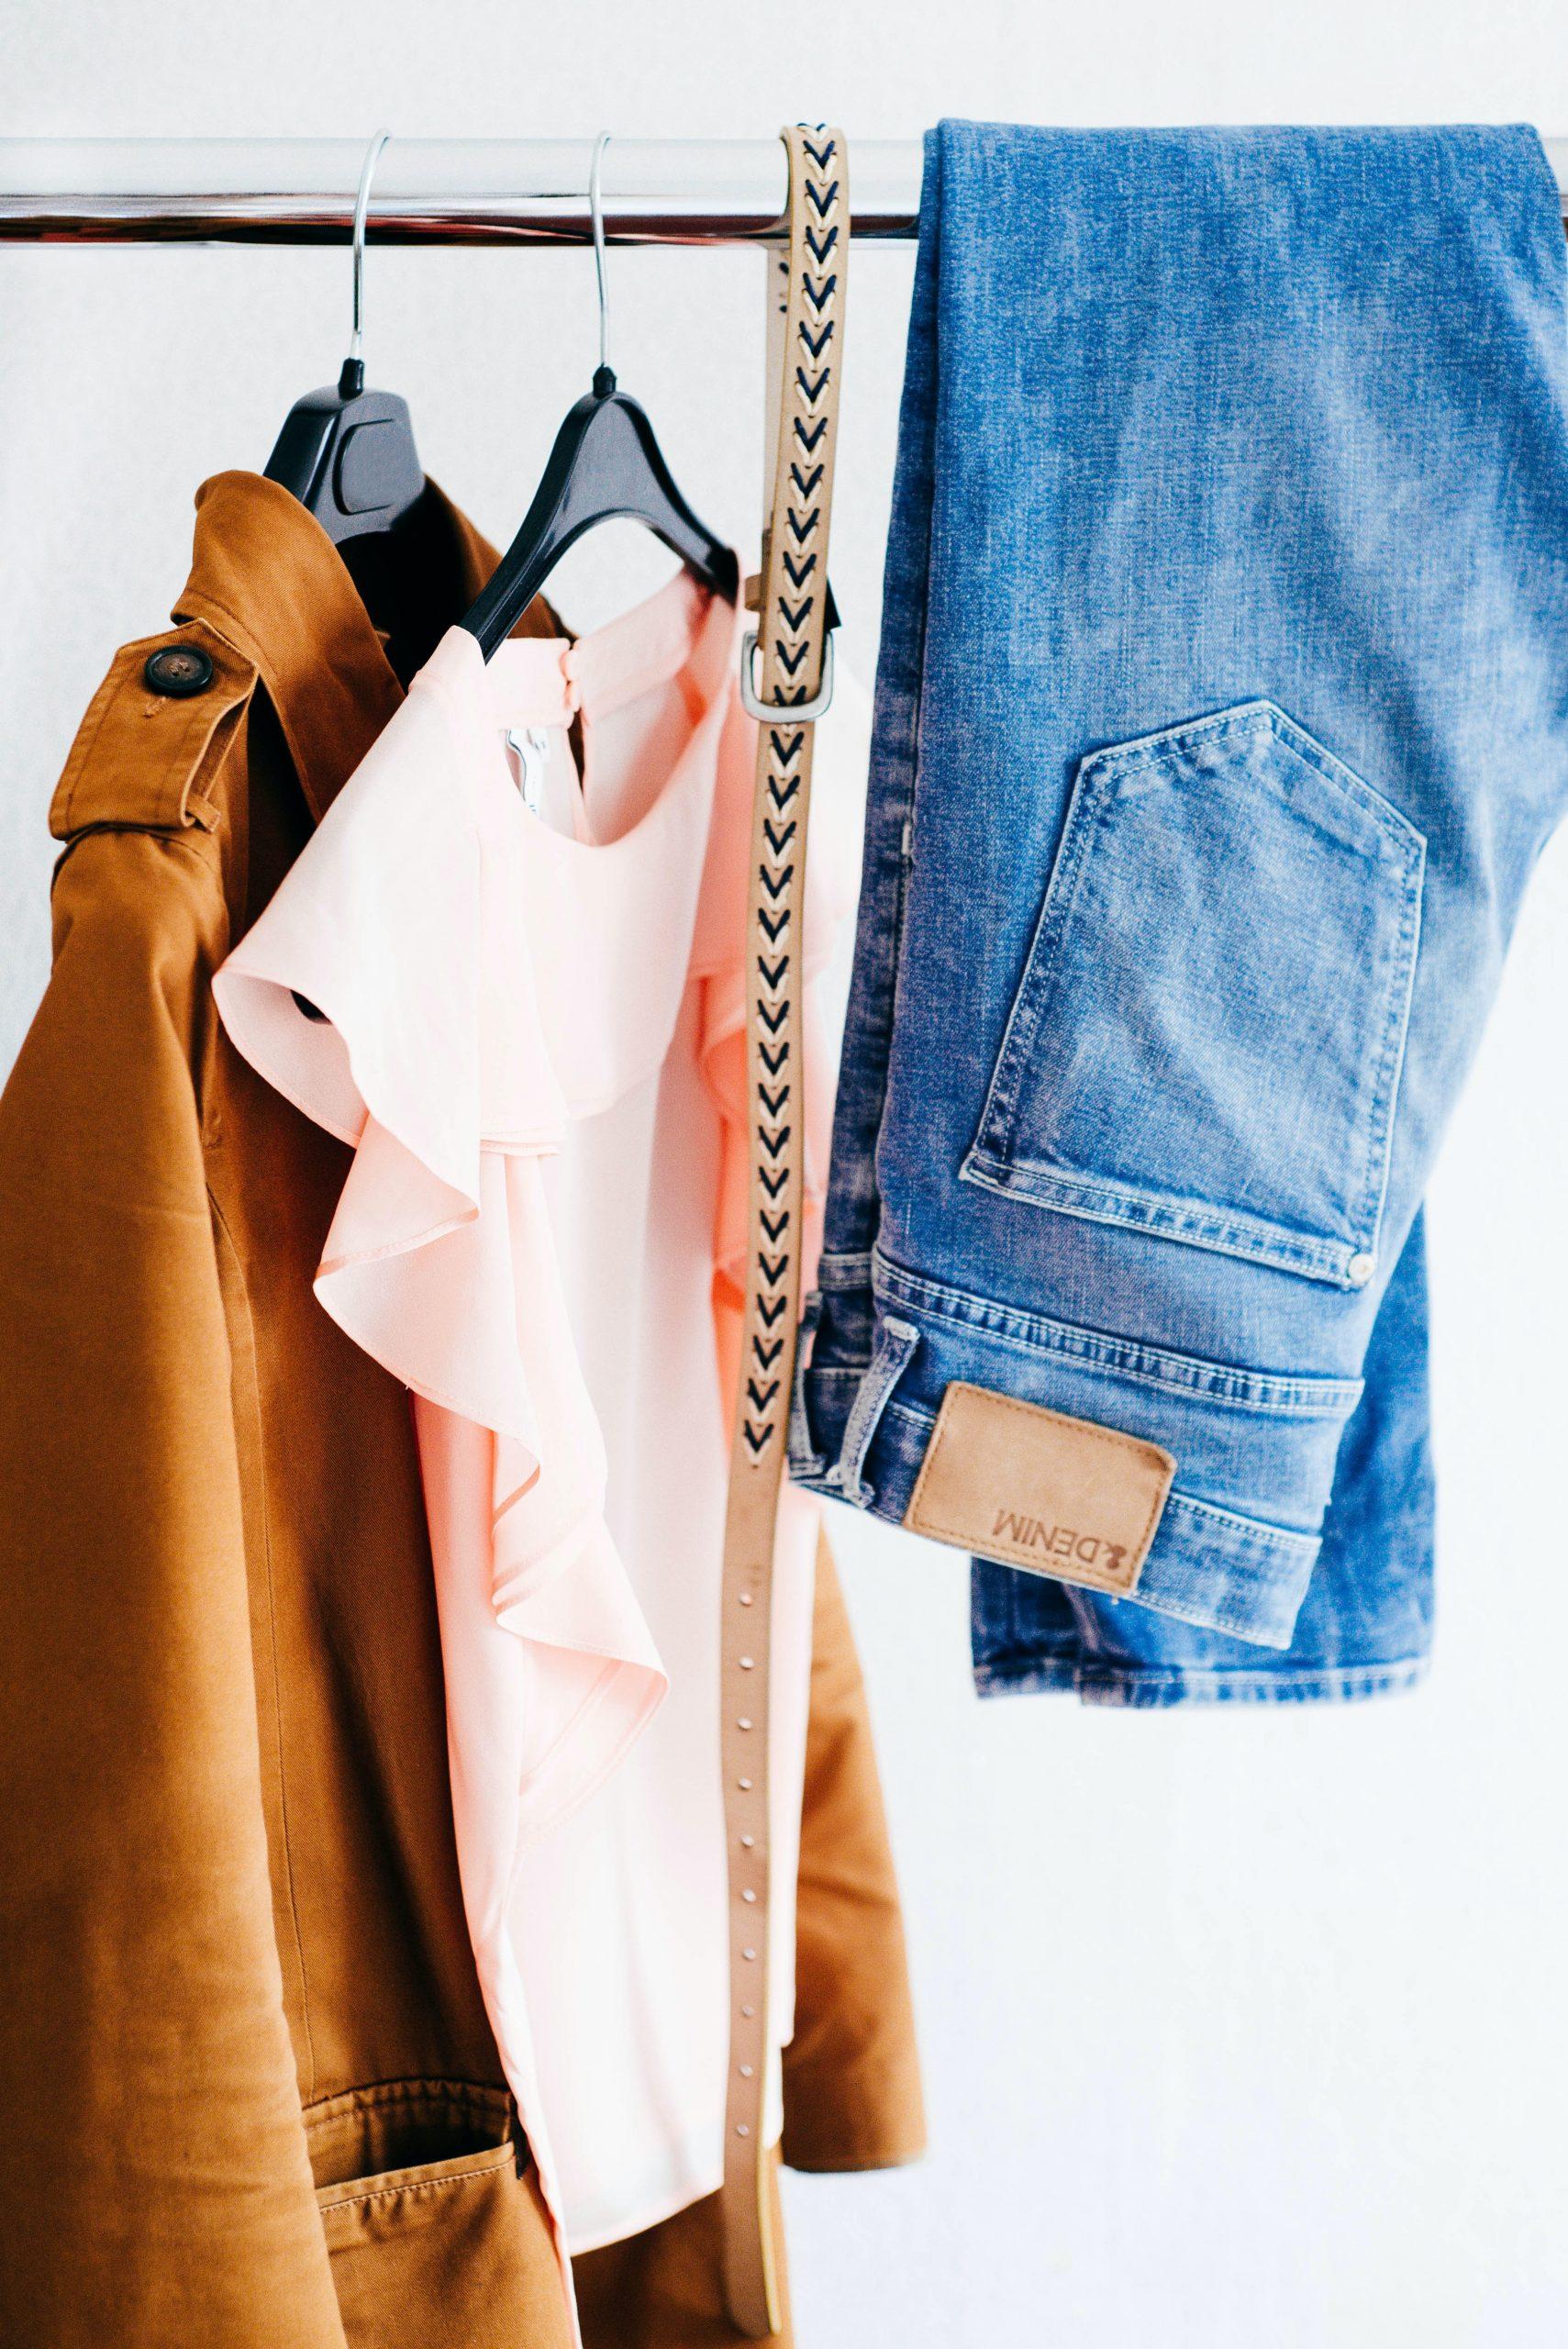 Wardrobe essentials! 10-те най-важни дрехи в гардероба на една жена.